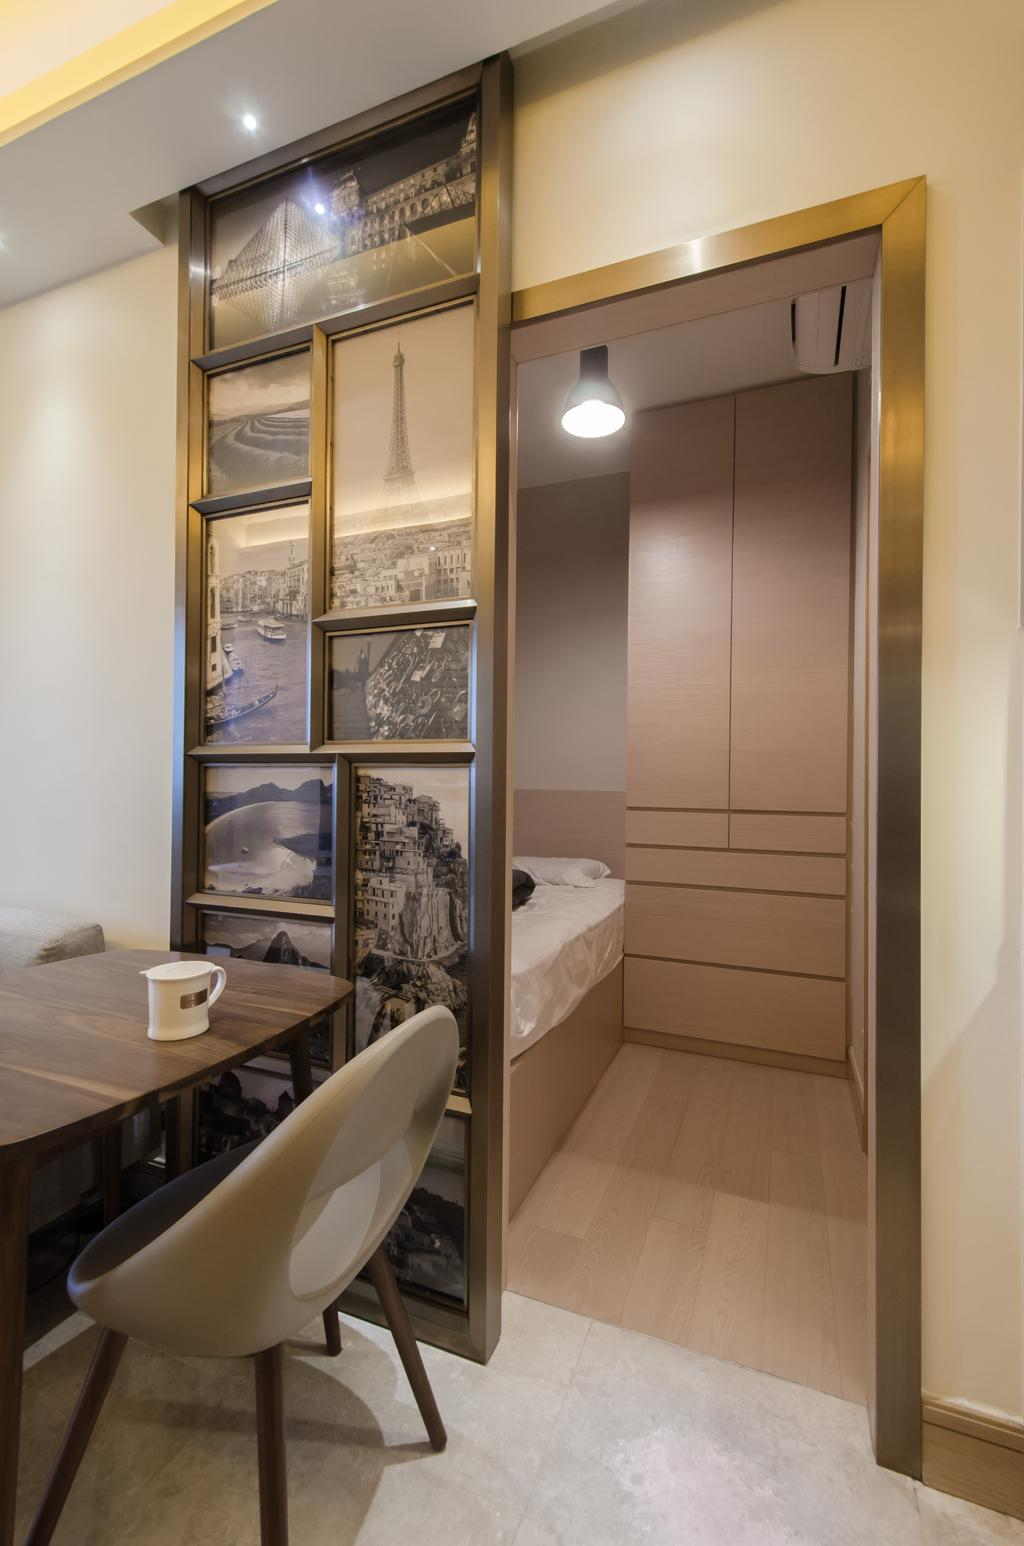 私家樓, 睡房, 加多近山, 室內設計師, 現時設計